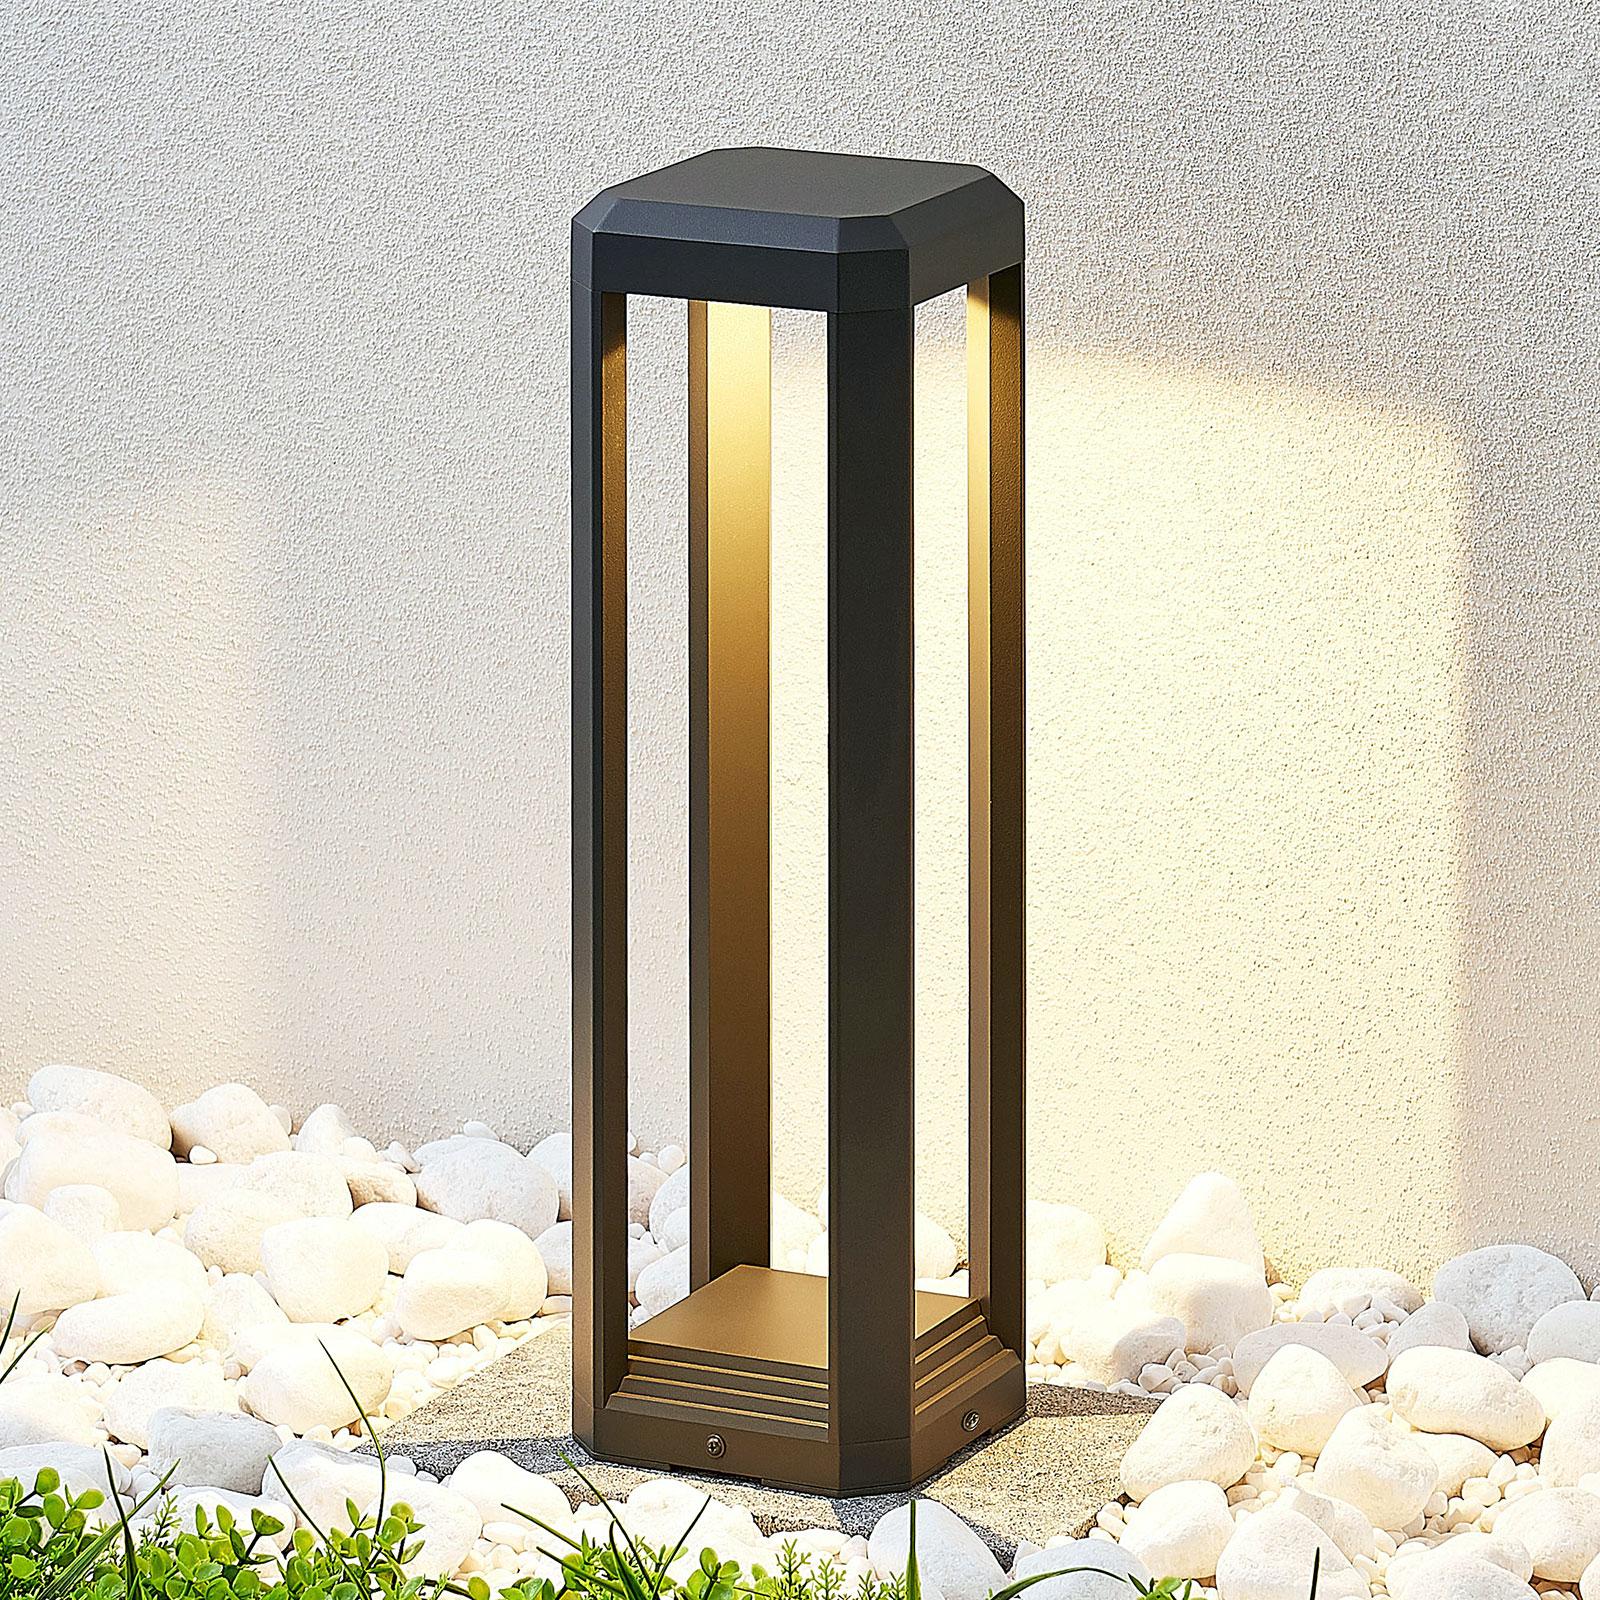 LED-Sockelleuchte Fery in Anthrazit, 50 cm